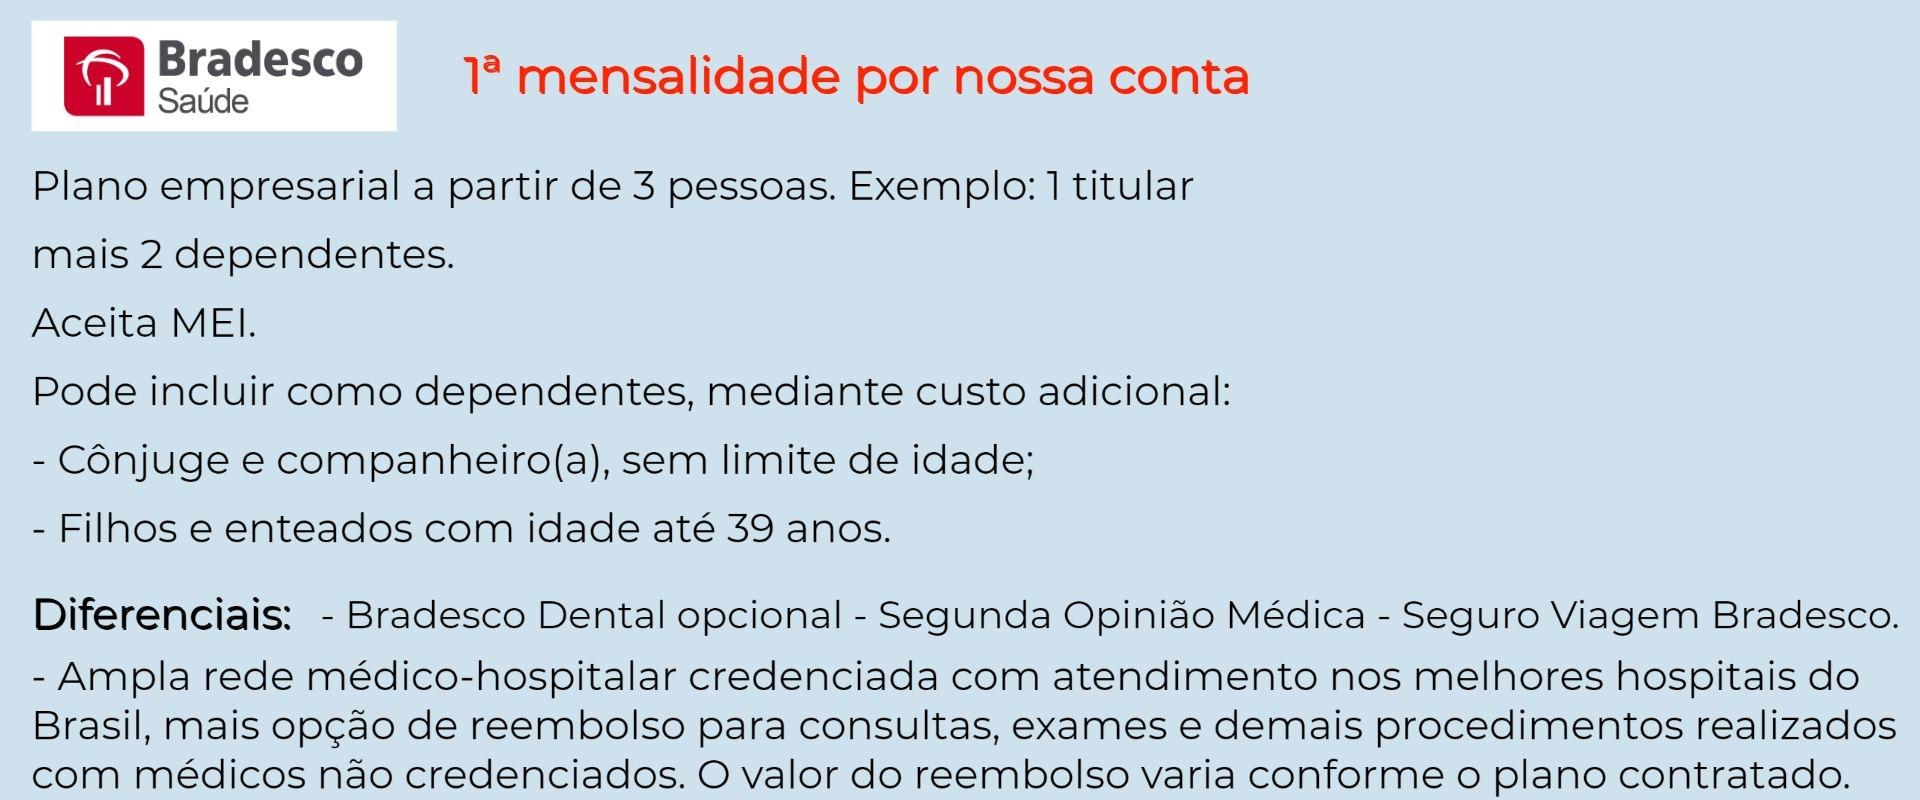 Bradesco Saúde Empresarial -  Porangatu